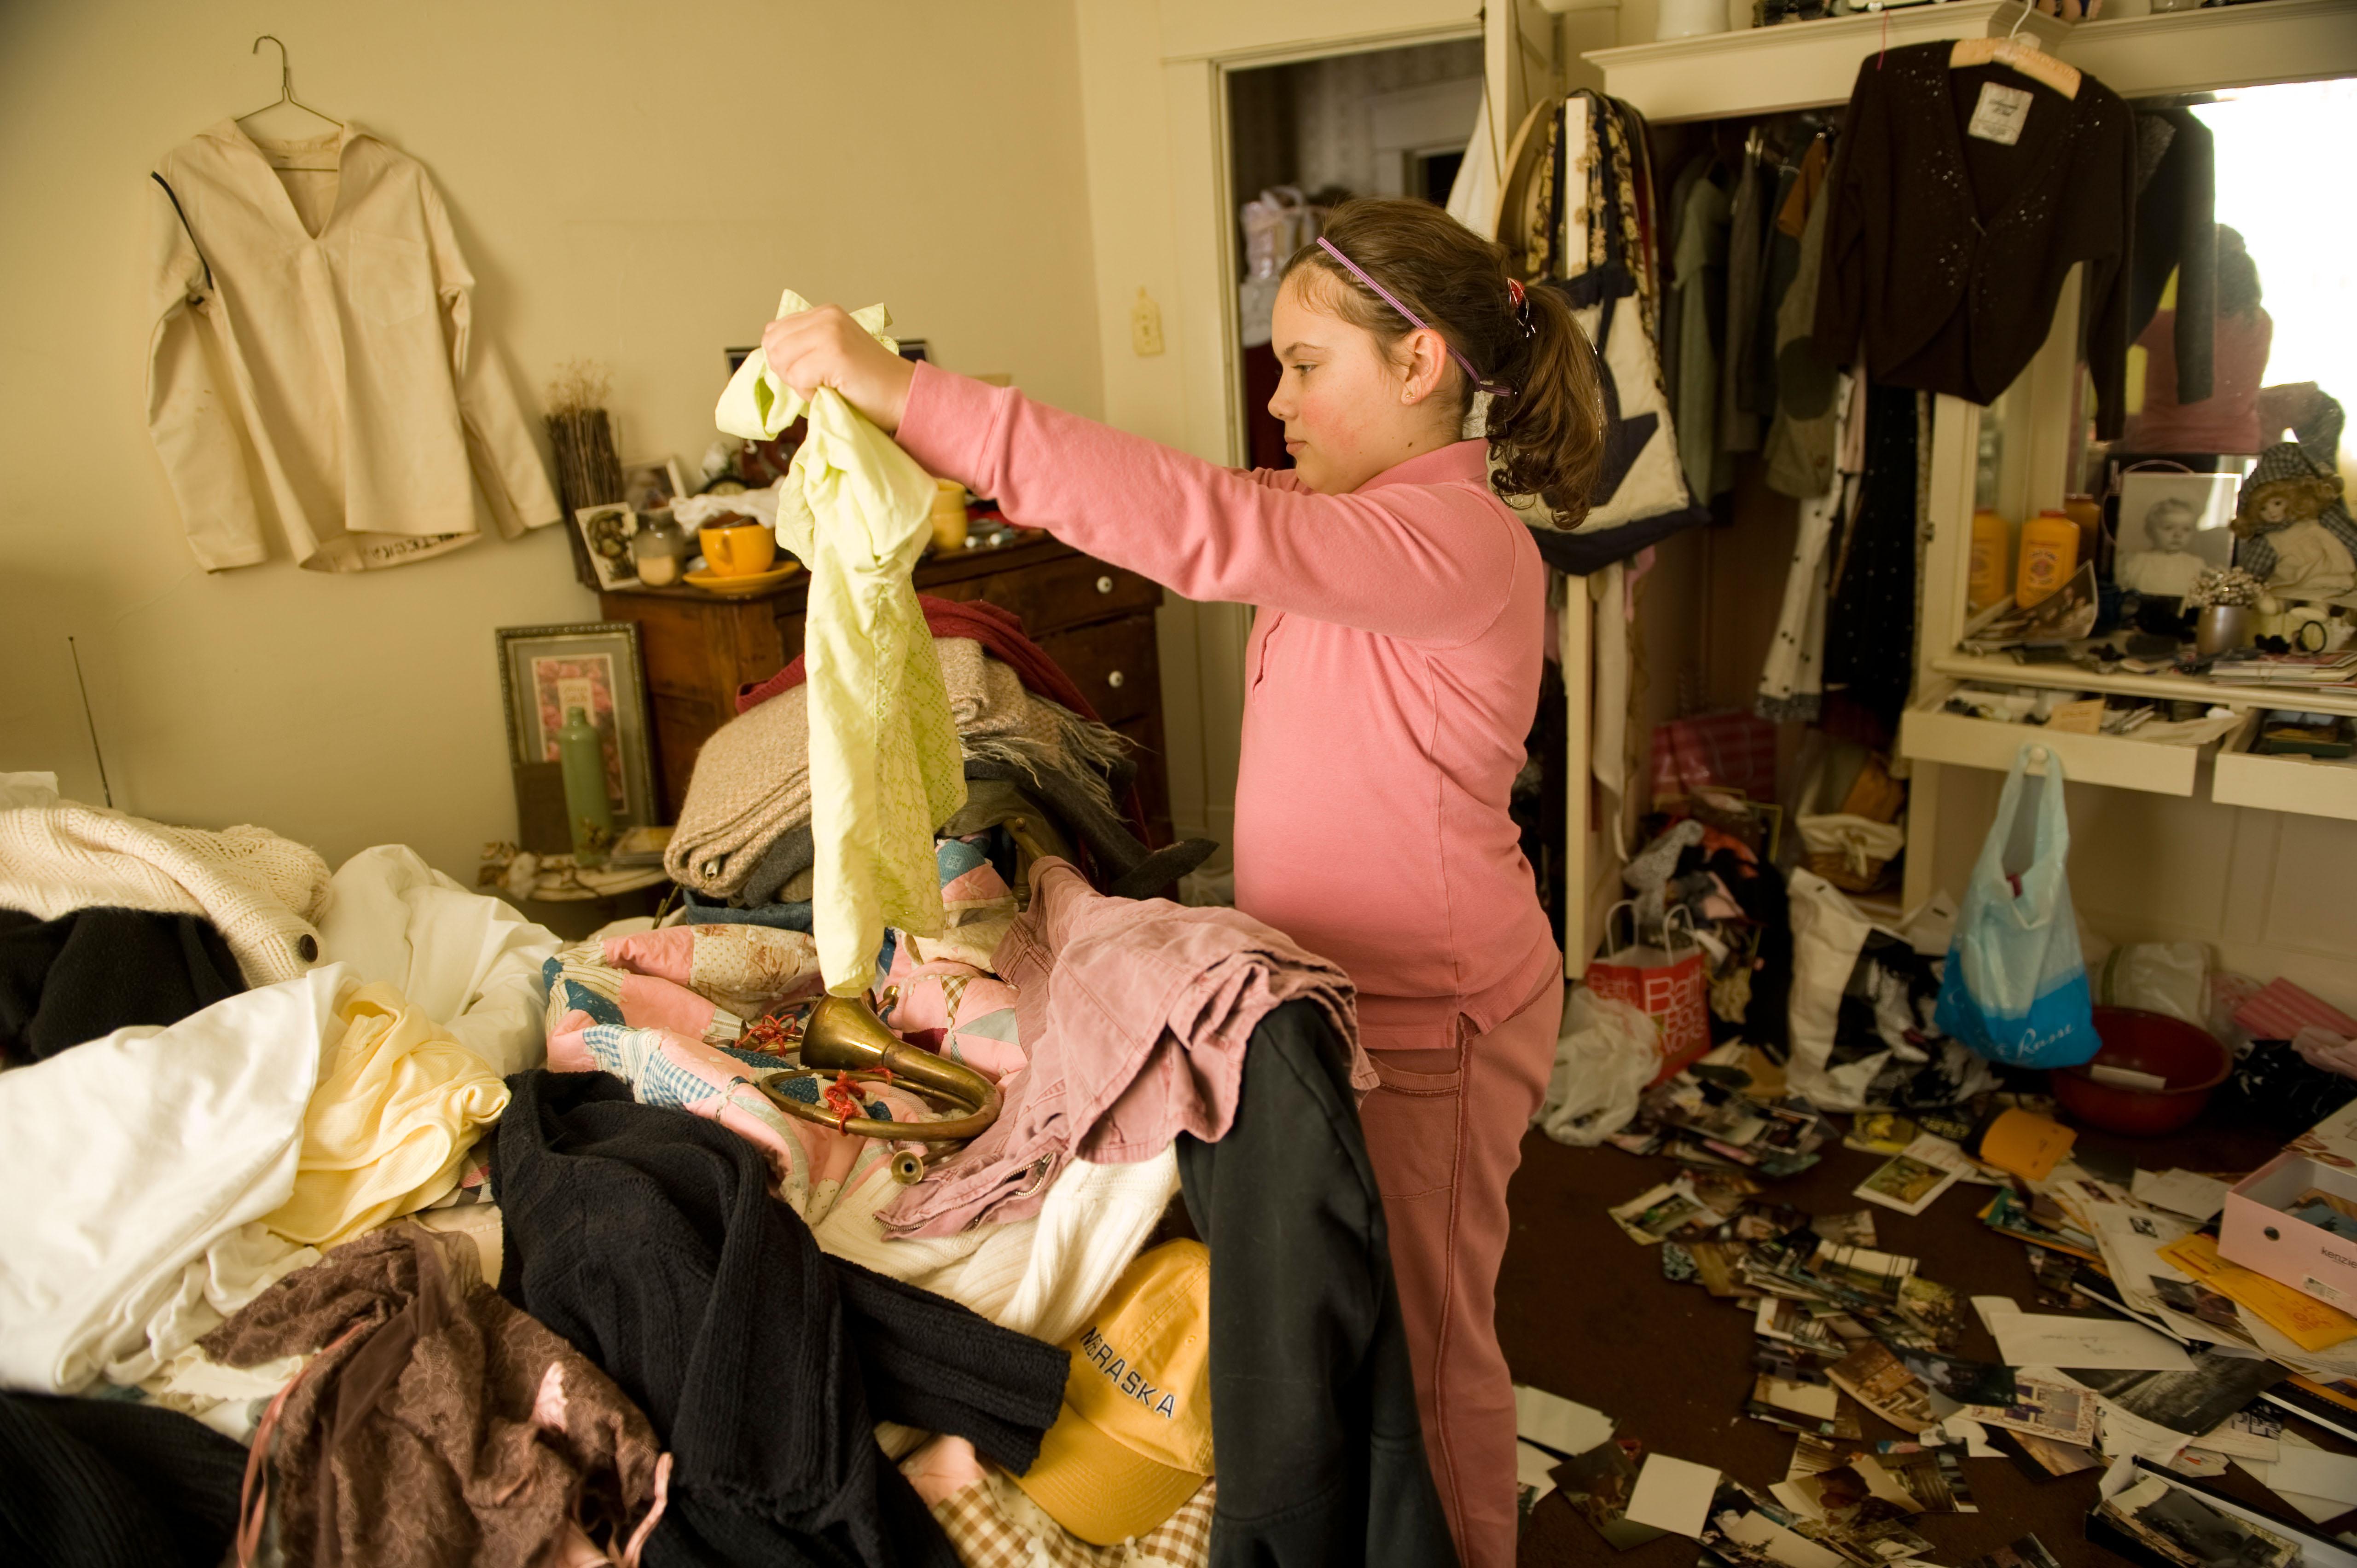 Pige rydder op i sit skab og sorterer sit tøj (Foto: All Over)